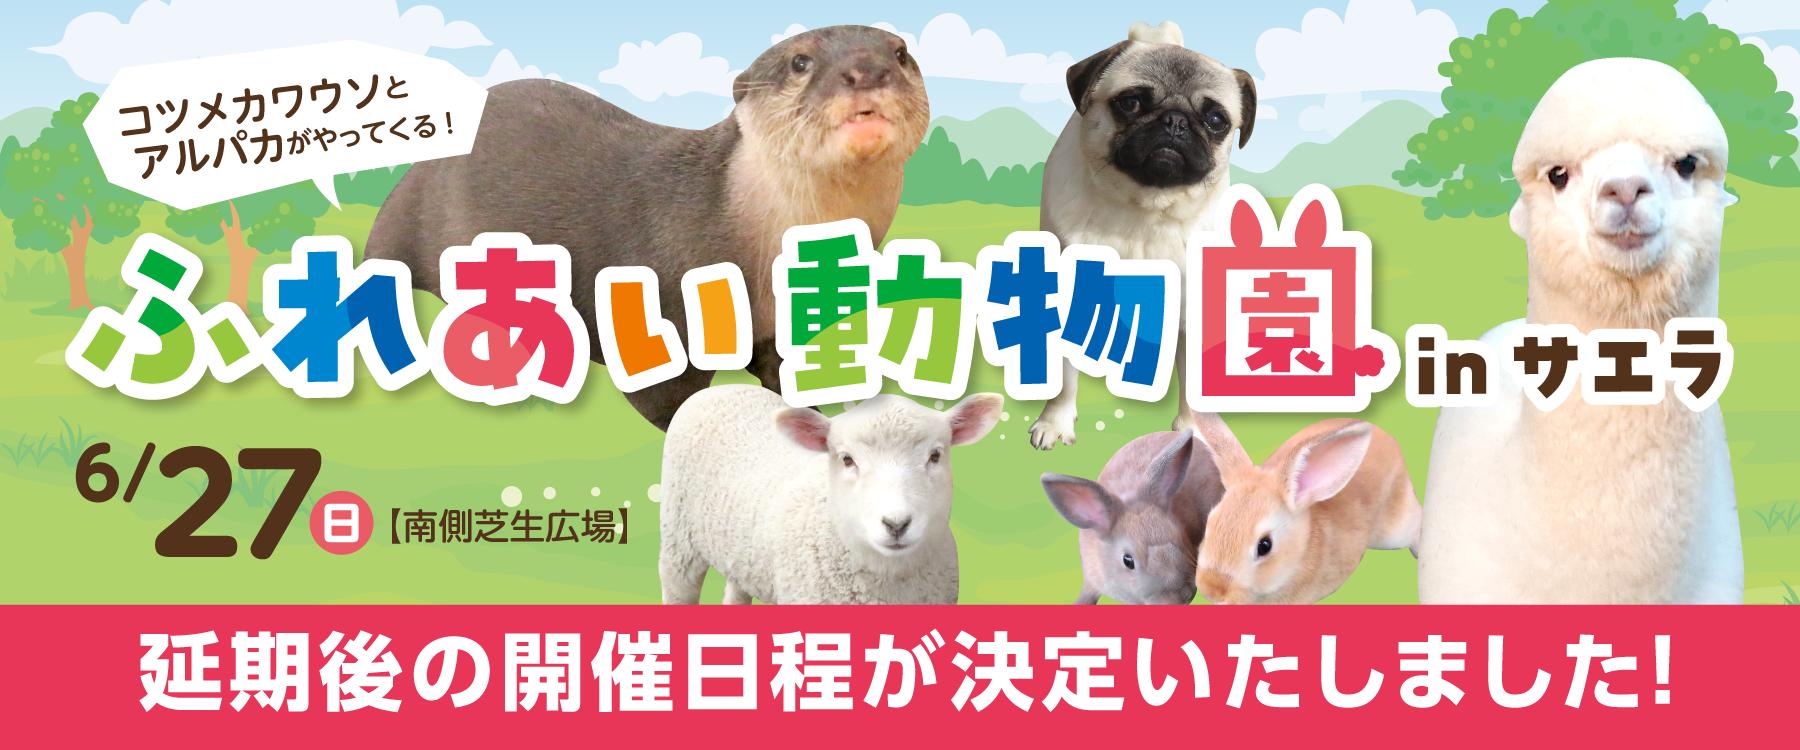 画像:開催決定 6月27日(日)コツメカワウソ・アルパカがやってくる!ふれあい動物園inサエラ